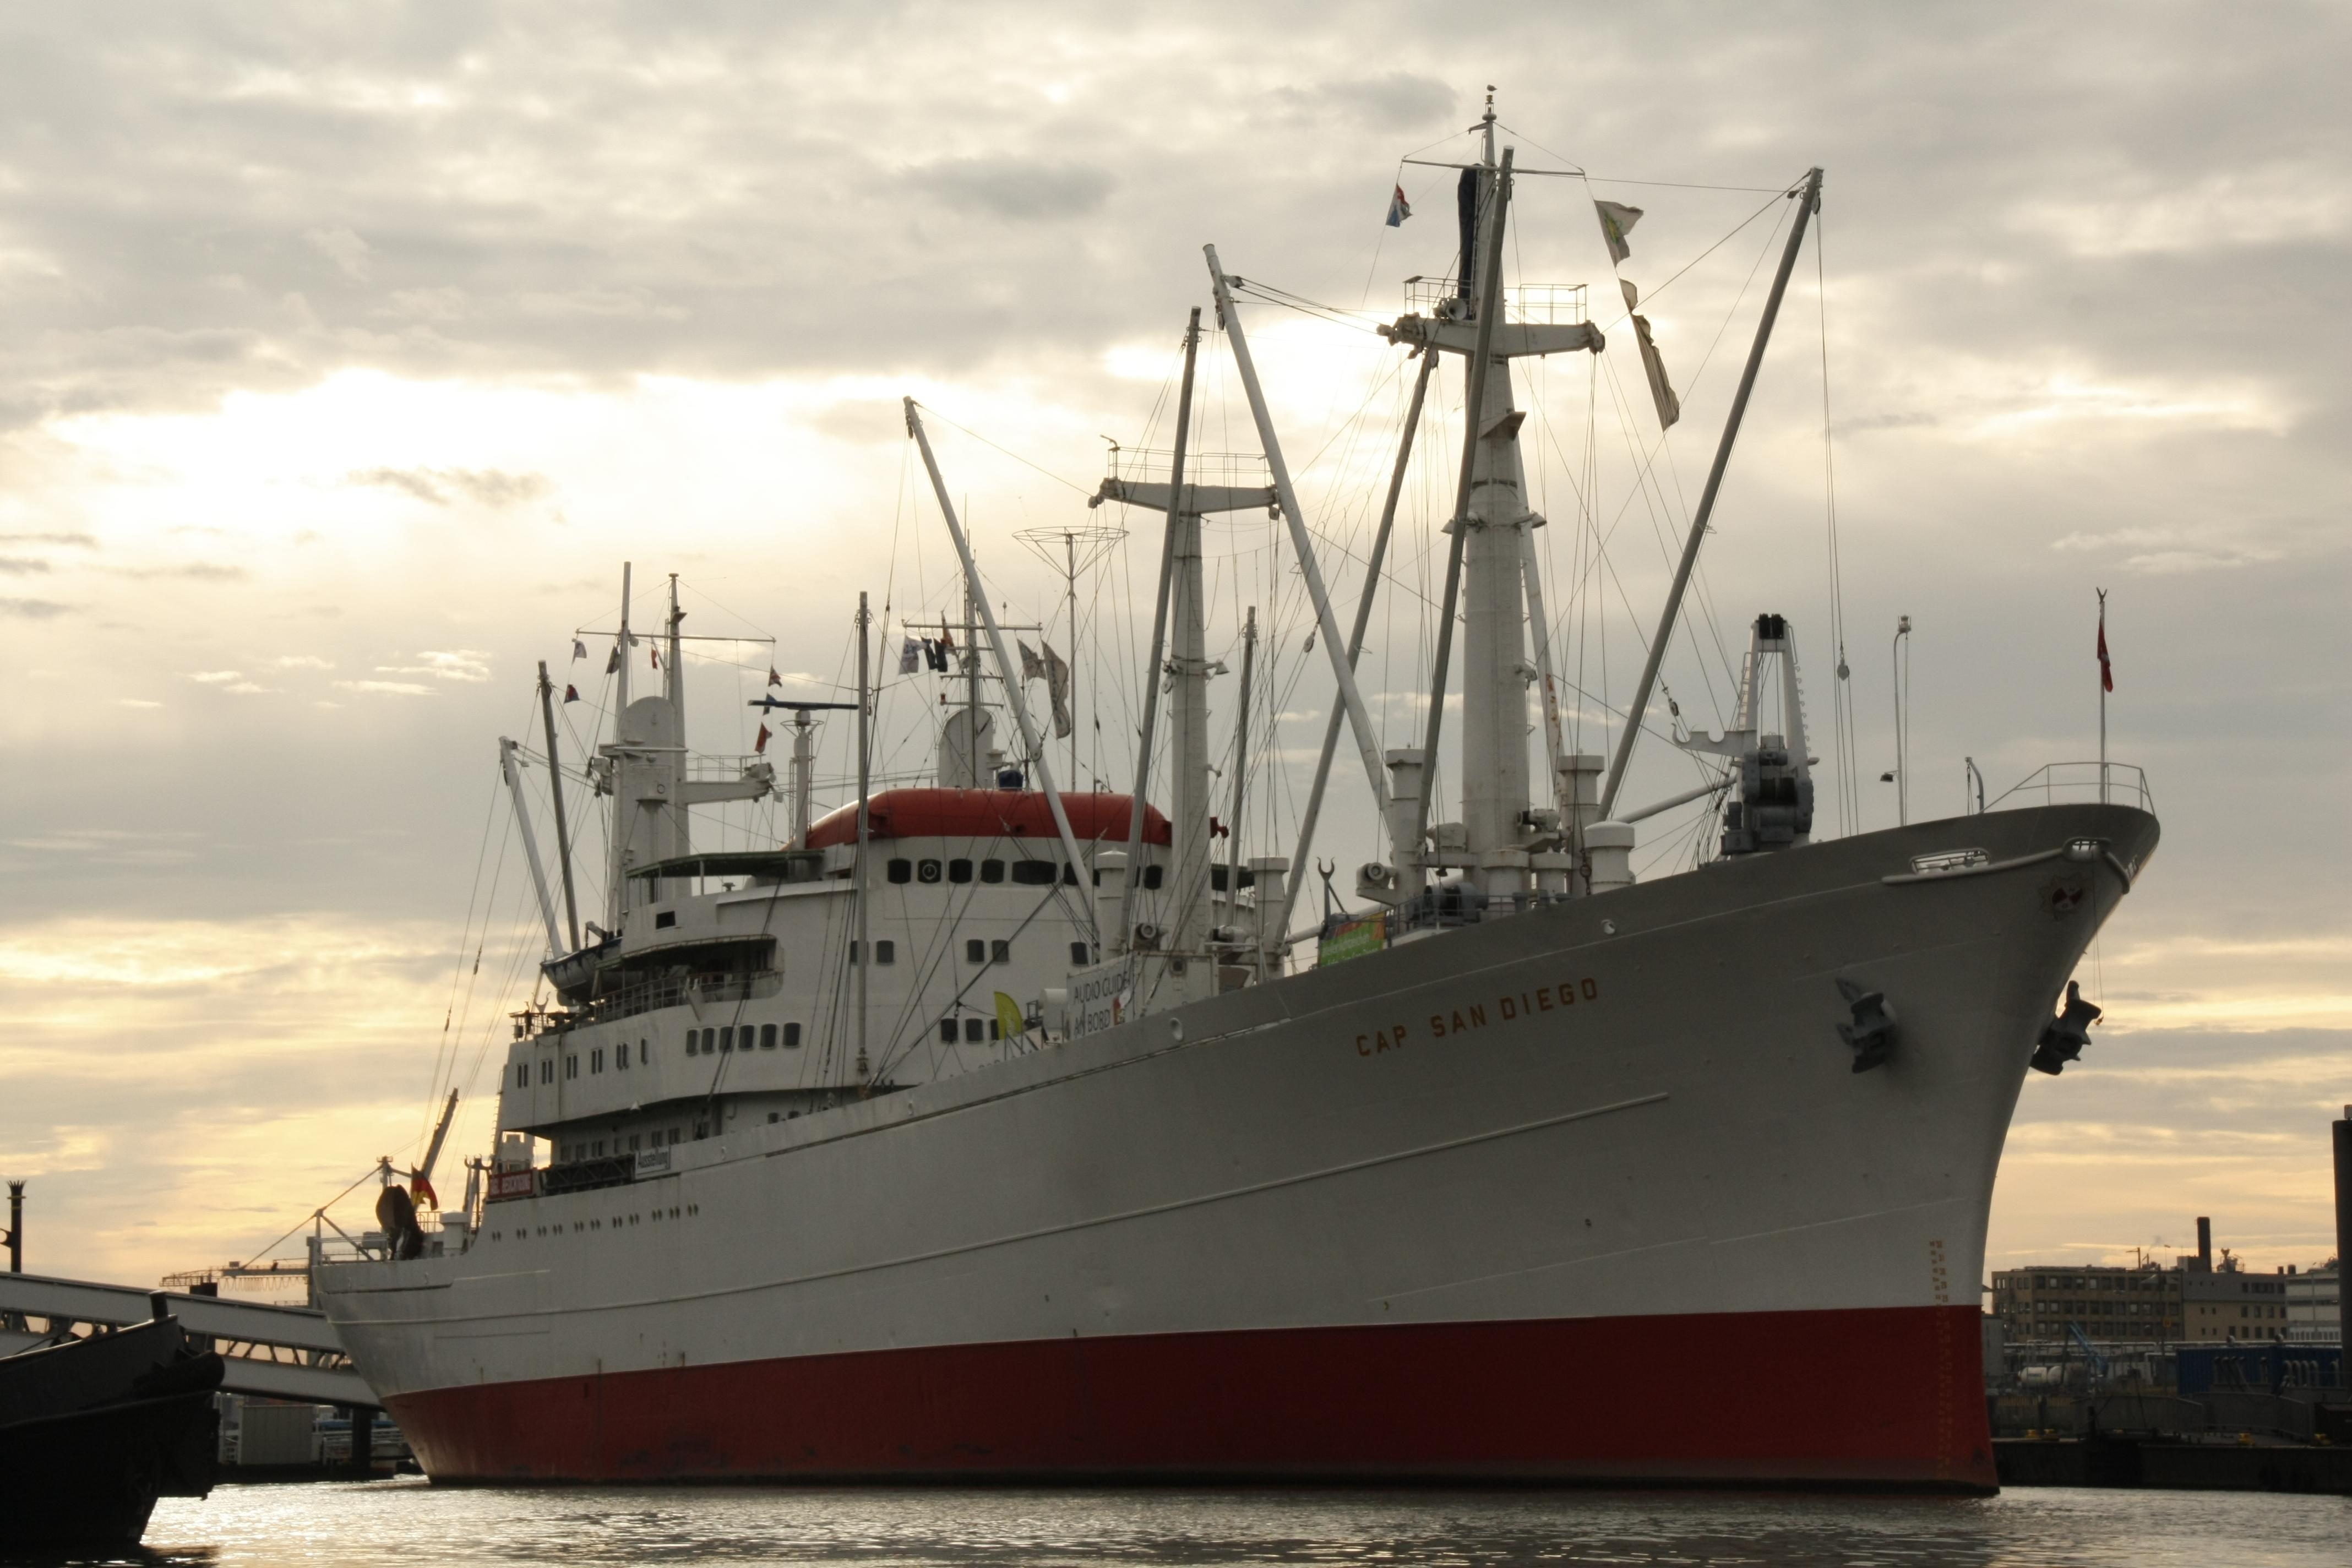 Die Cap San Diego – Museumsschiff zum anfassen